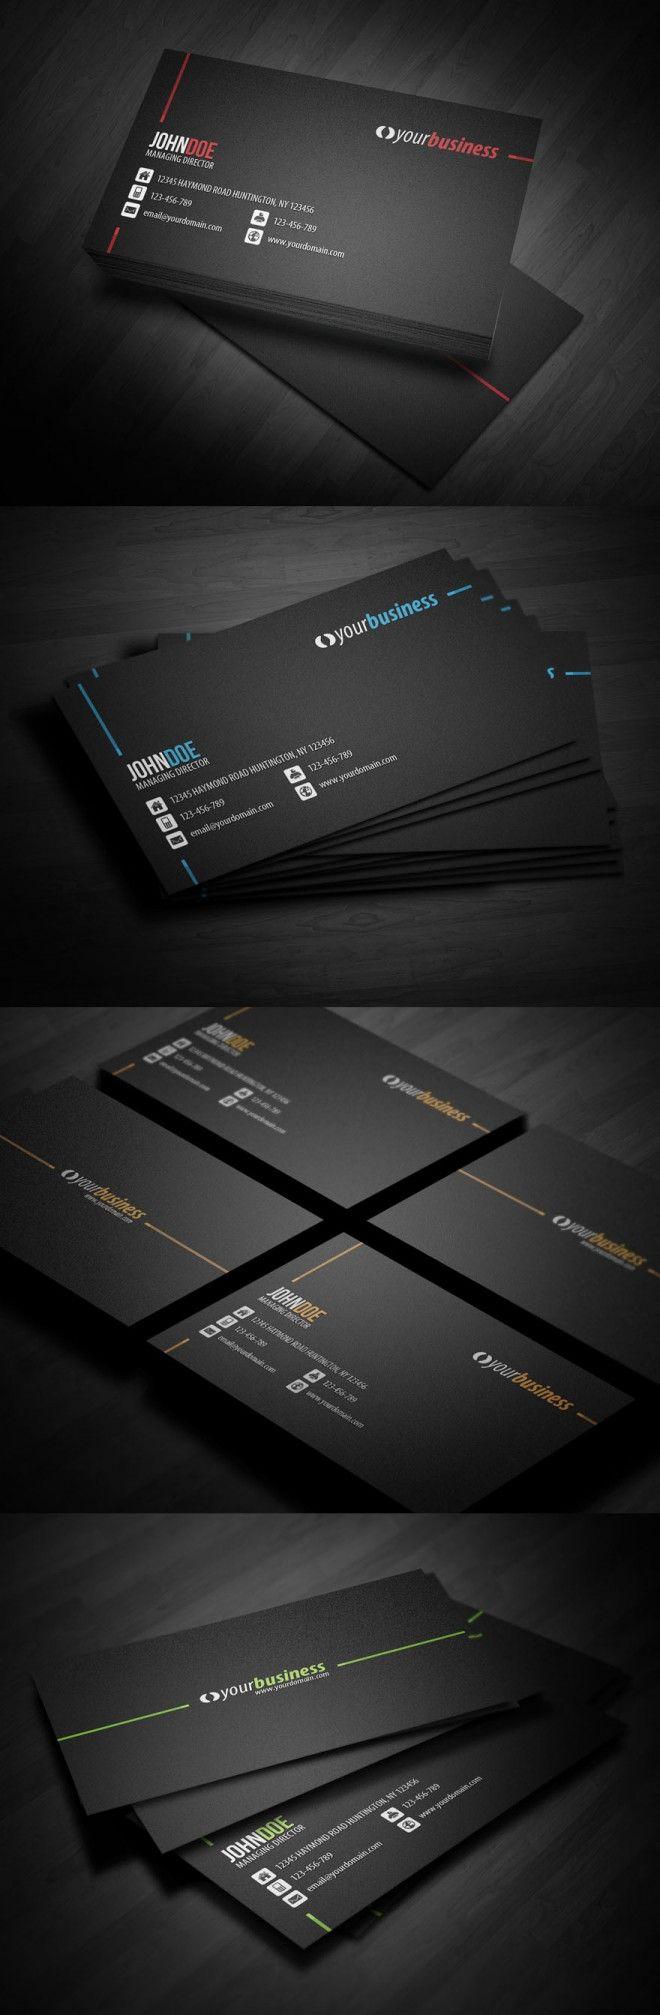 50 Creative Corporate Business Card Design Examples Design Inspiration Business Card Design Creative Business Cards Creative Business Card Design